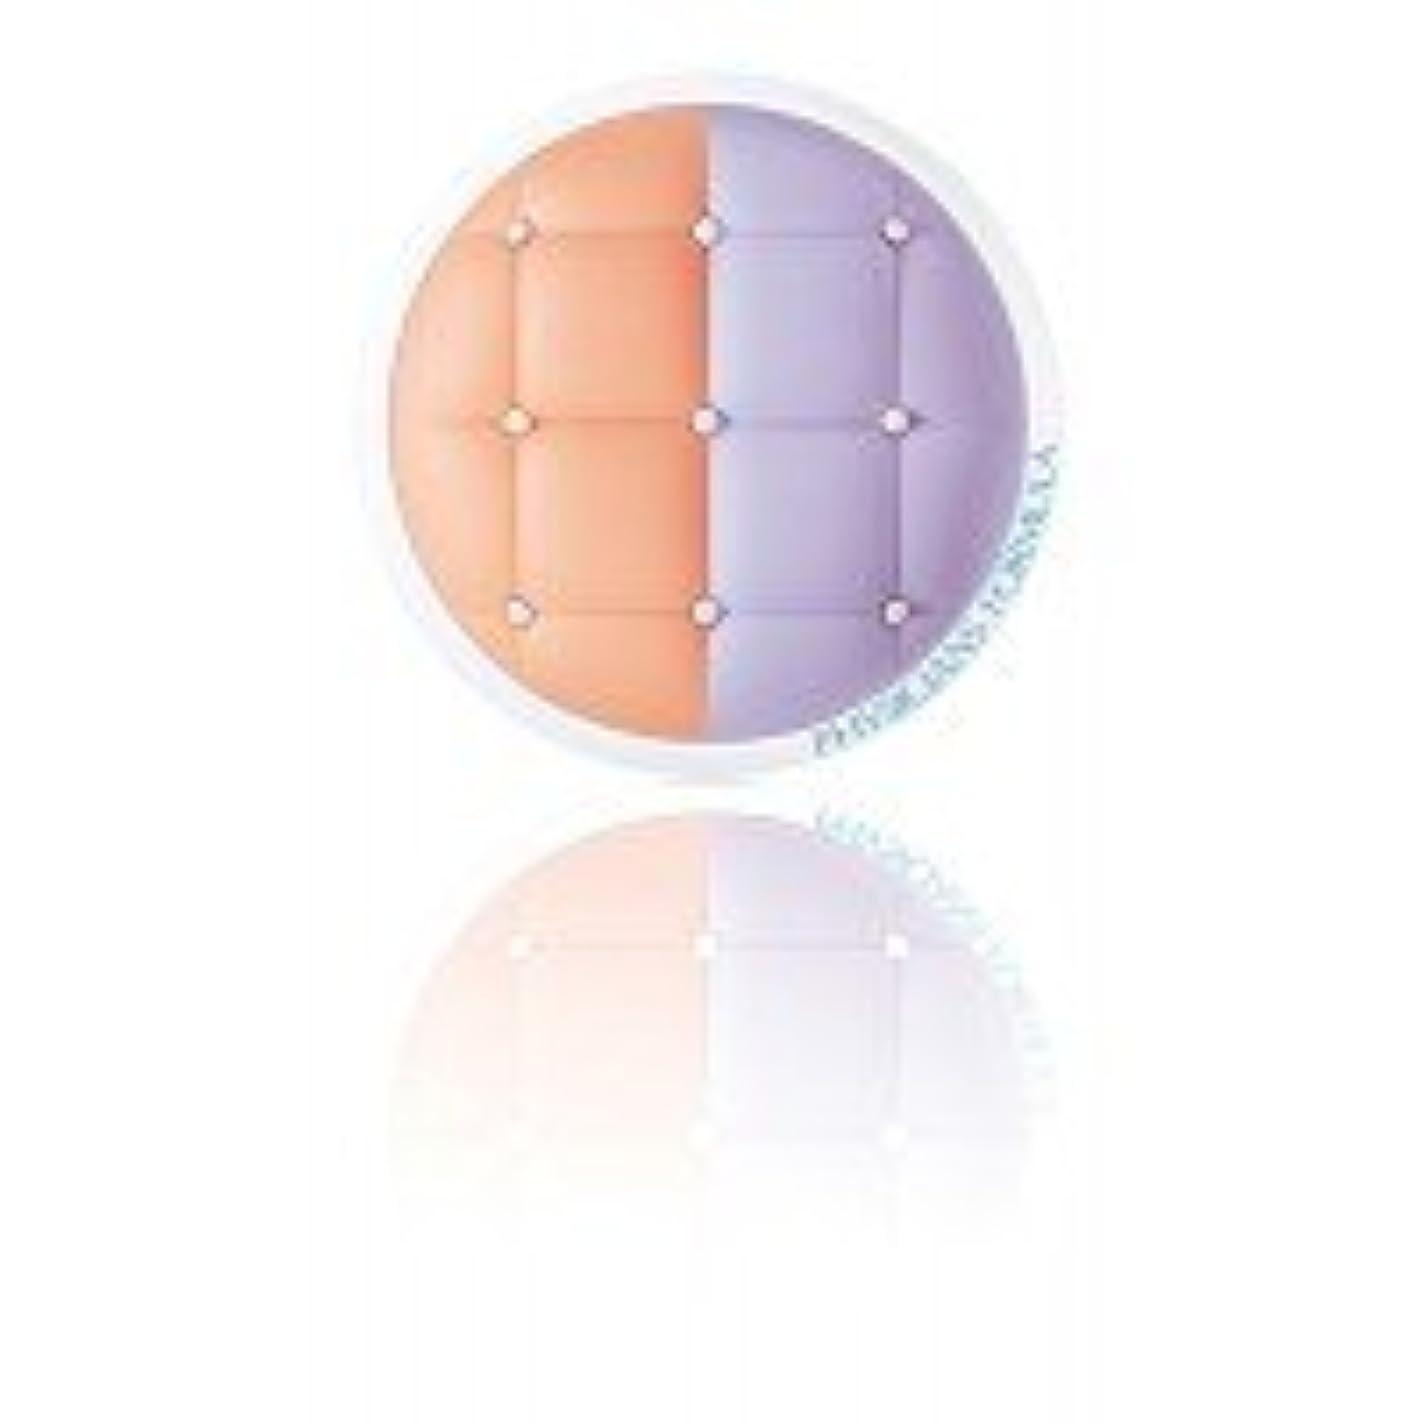 人工原子制裁ミネラルウェア クッションコレクター+プライマーデュオ Peach/Lavender MCC02